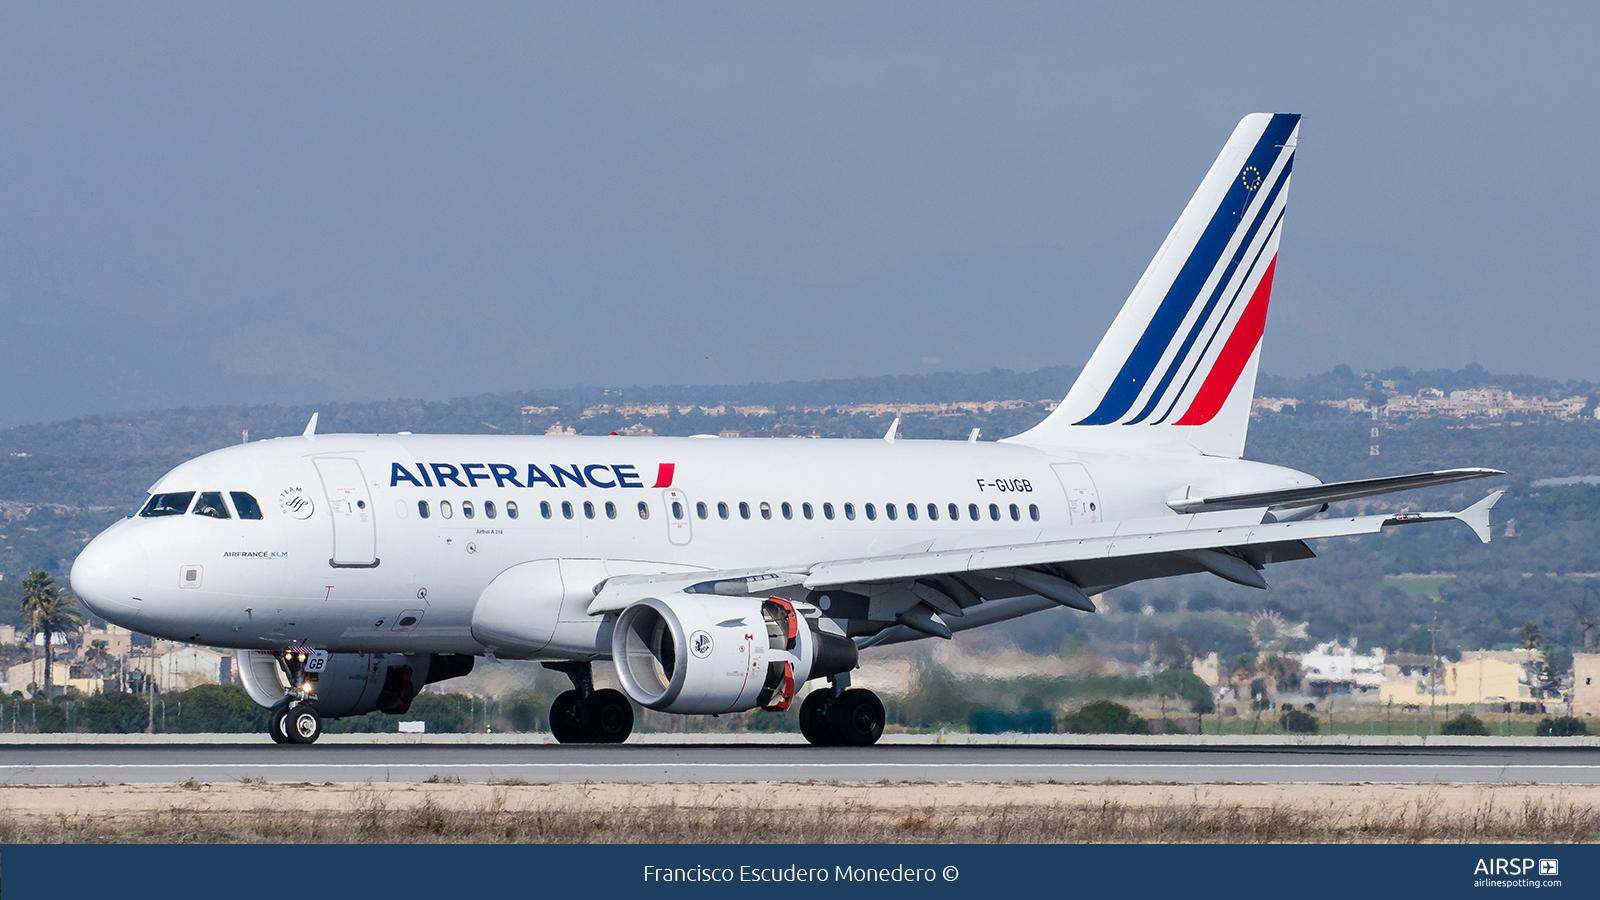 Air FranceAirbus A318F-GUGB